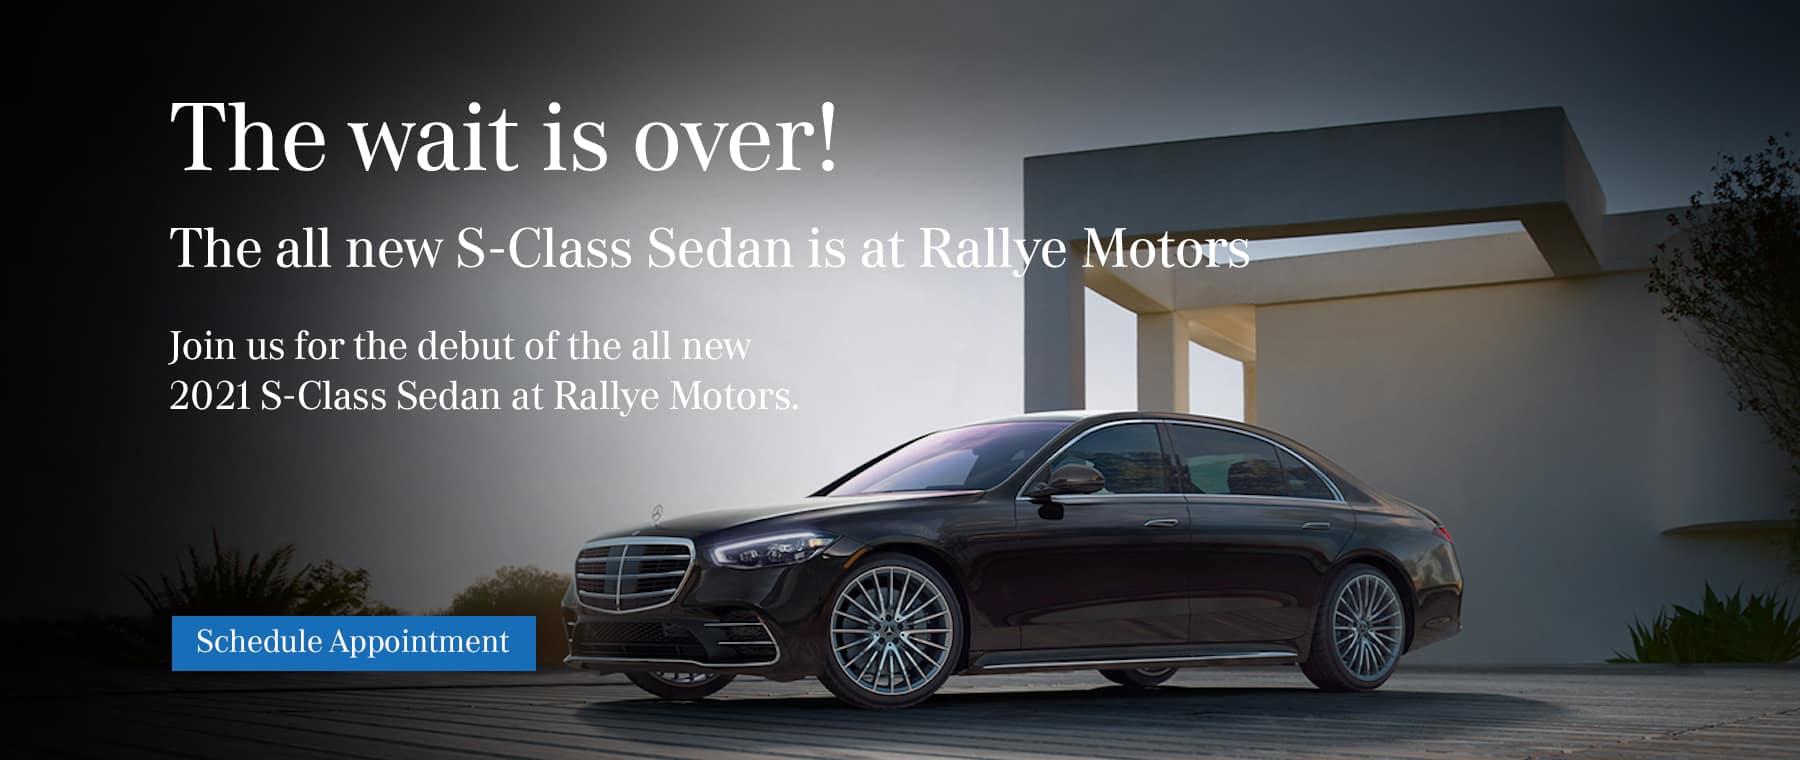 The wait is over! The 2021 S-Class Sedan is it Rallye Motors.